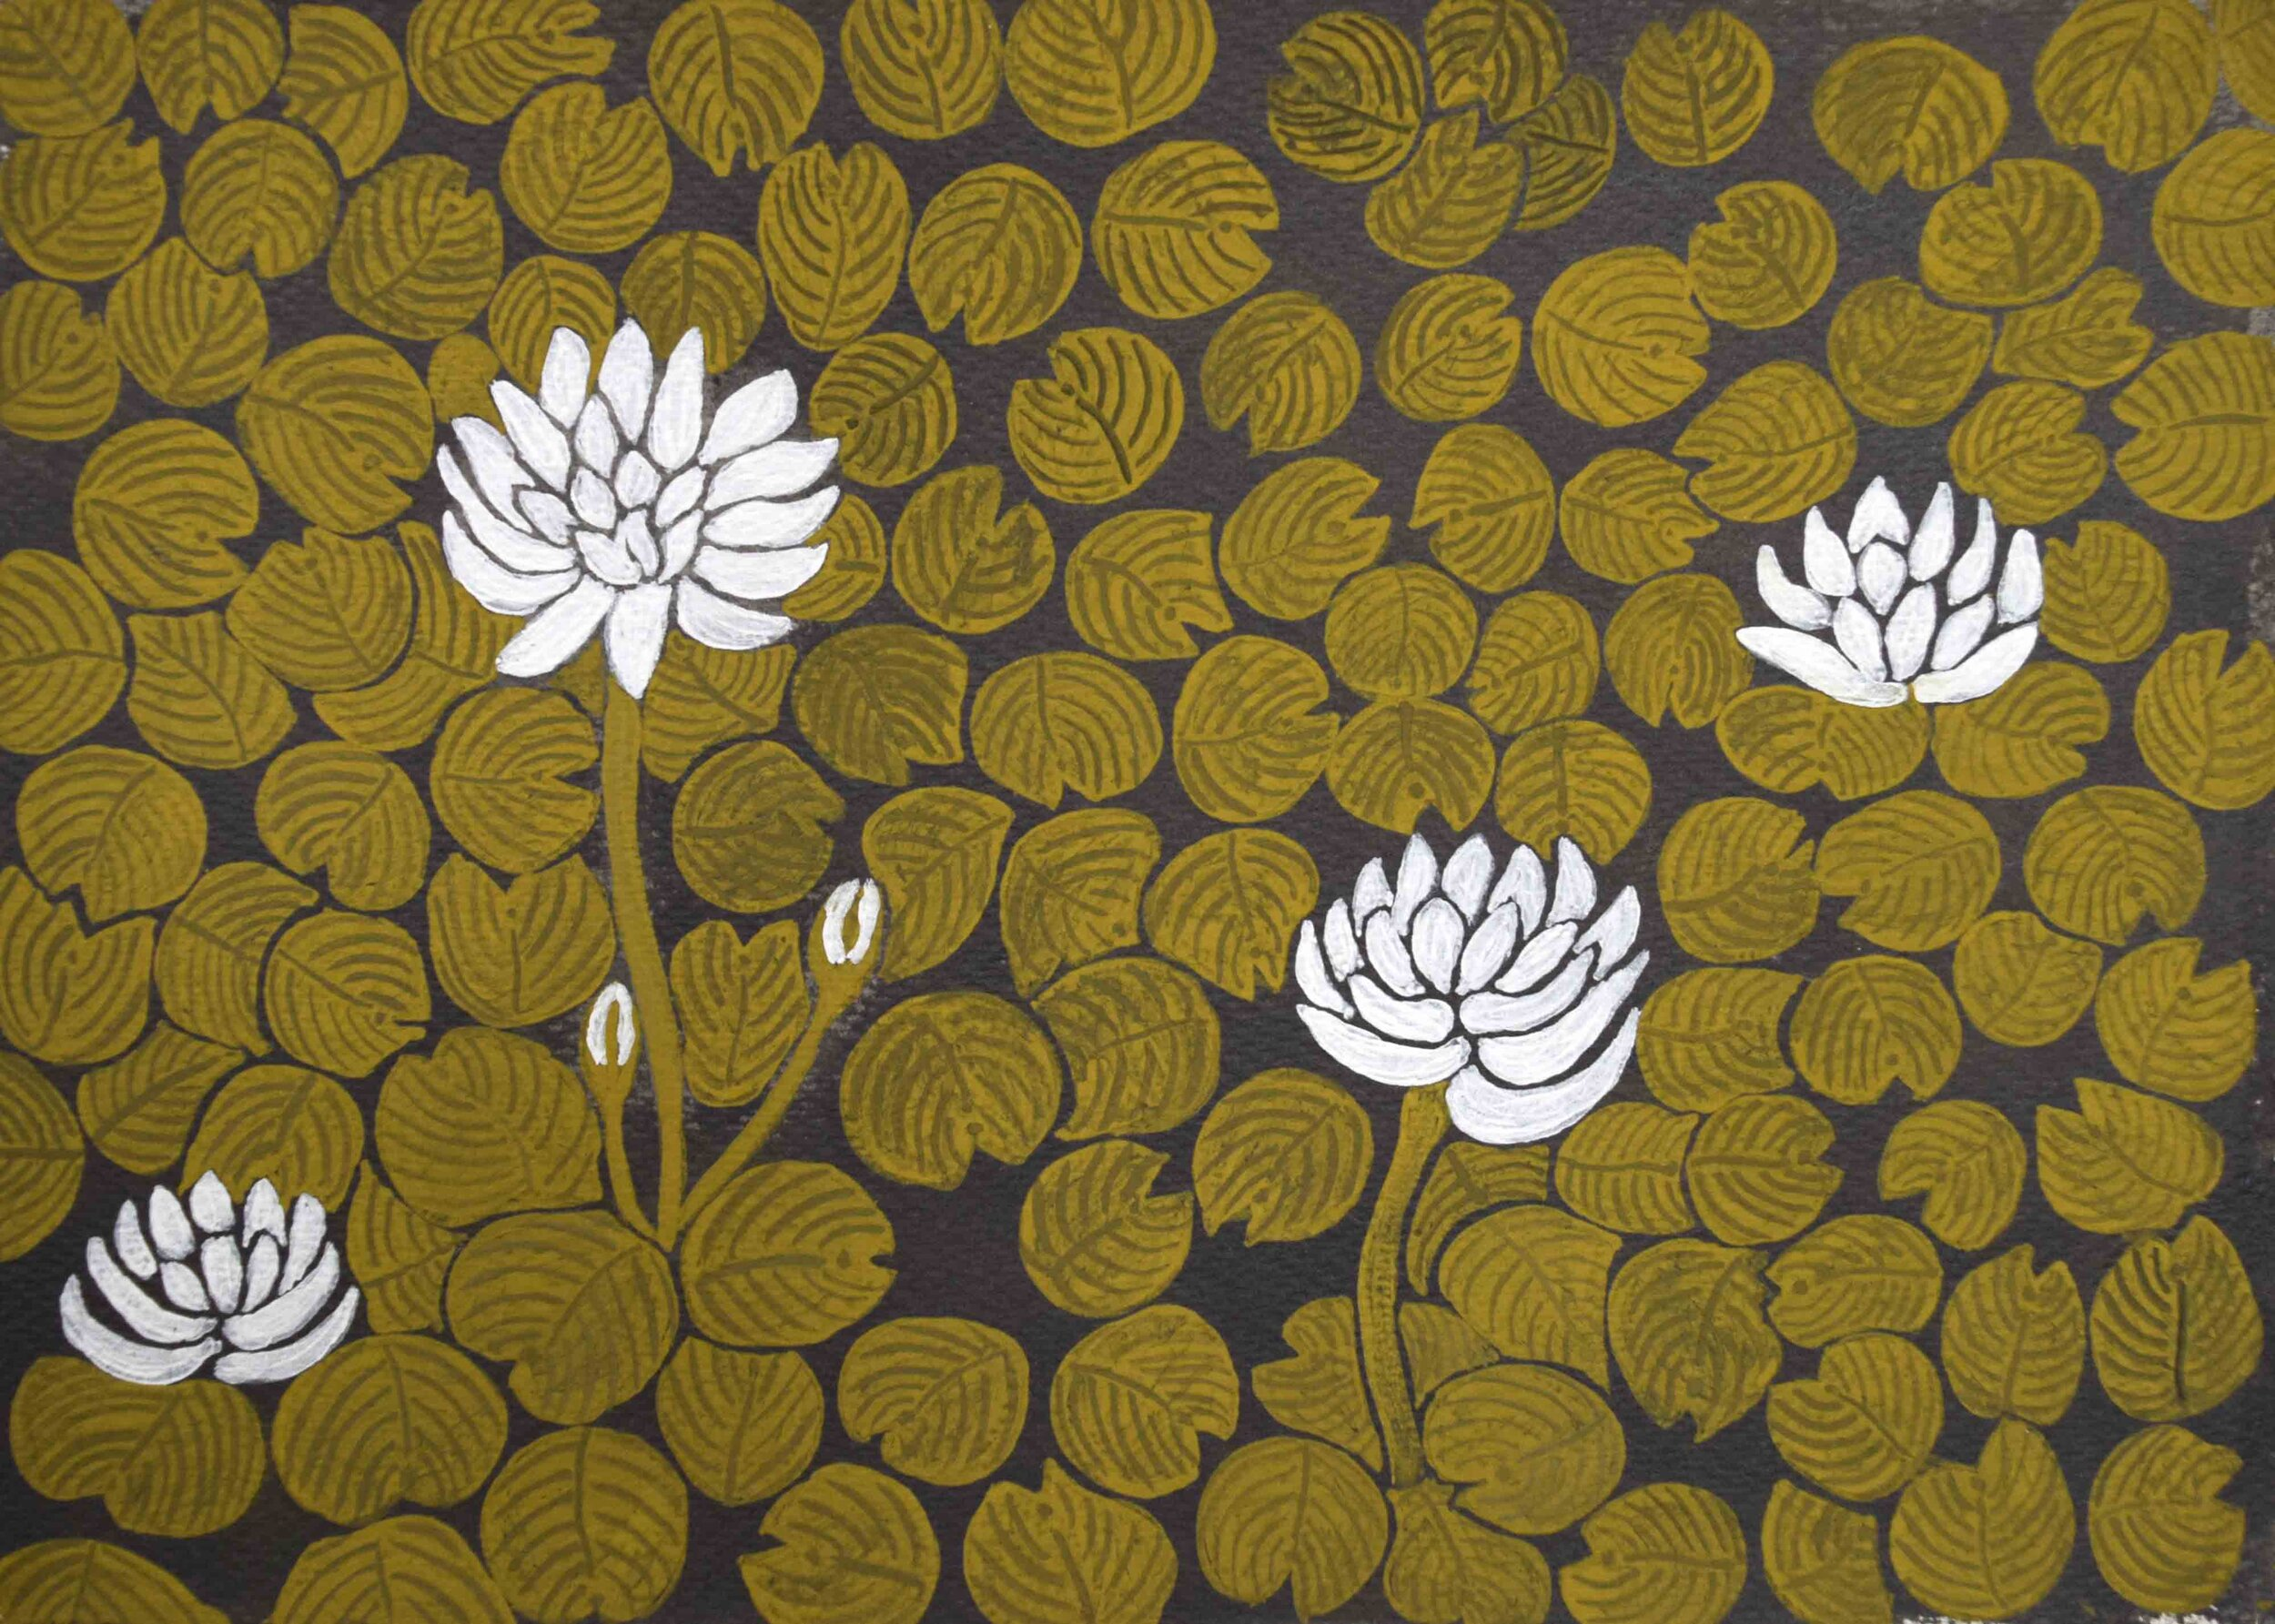 64. Jan Griffiths, Woorrilbem, 2019, natural pigment on paper, 30 x 42 cm $350